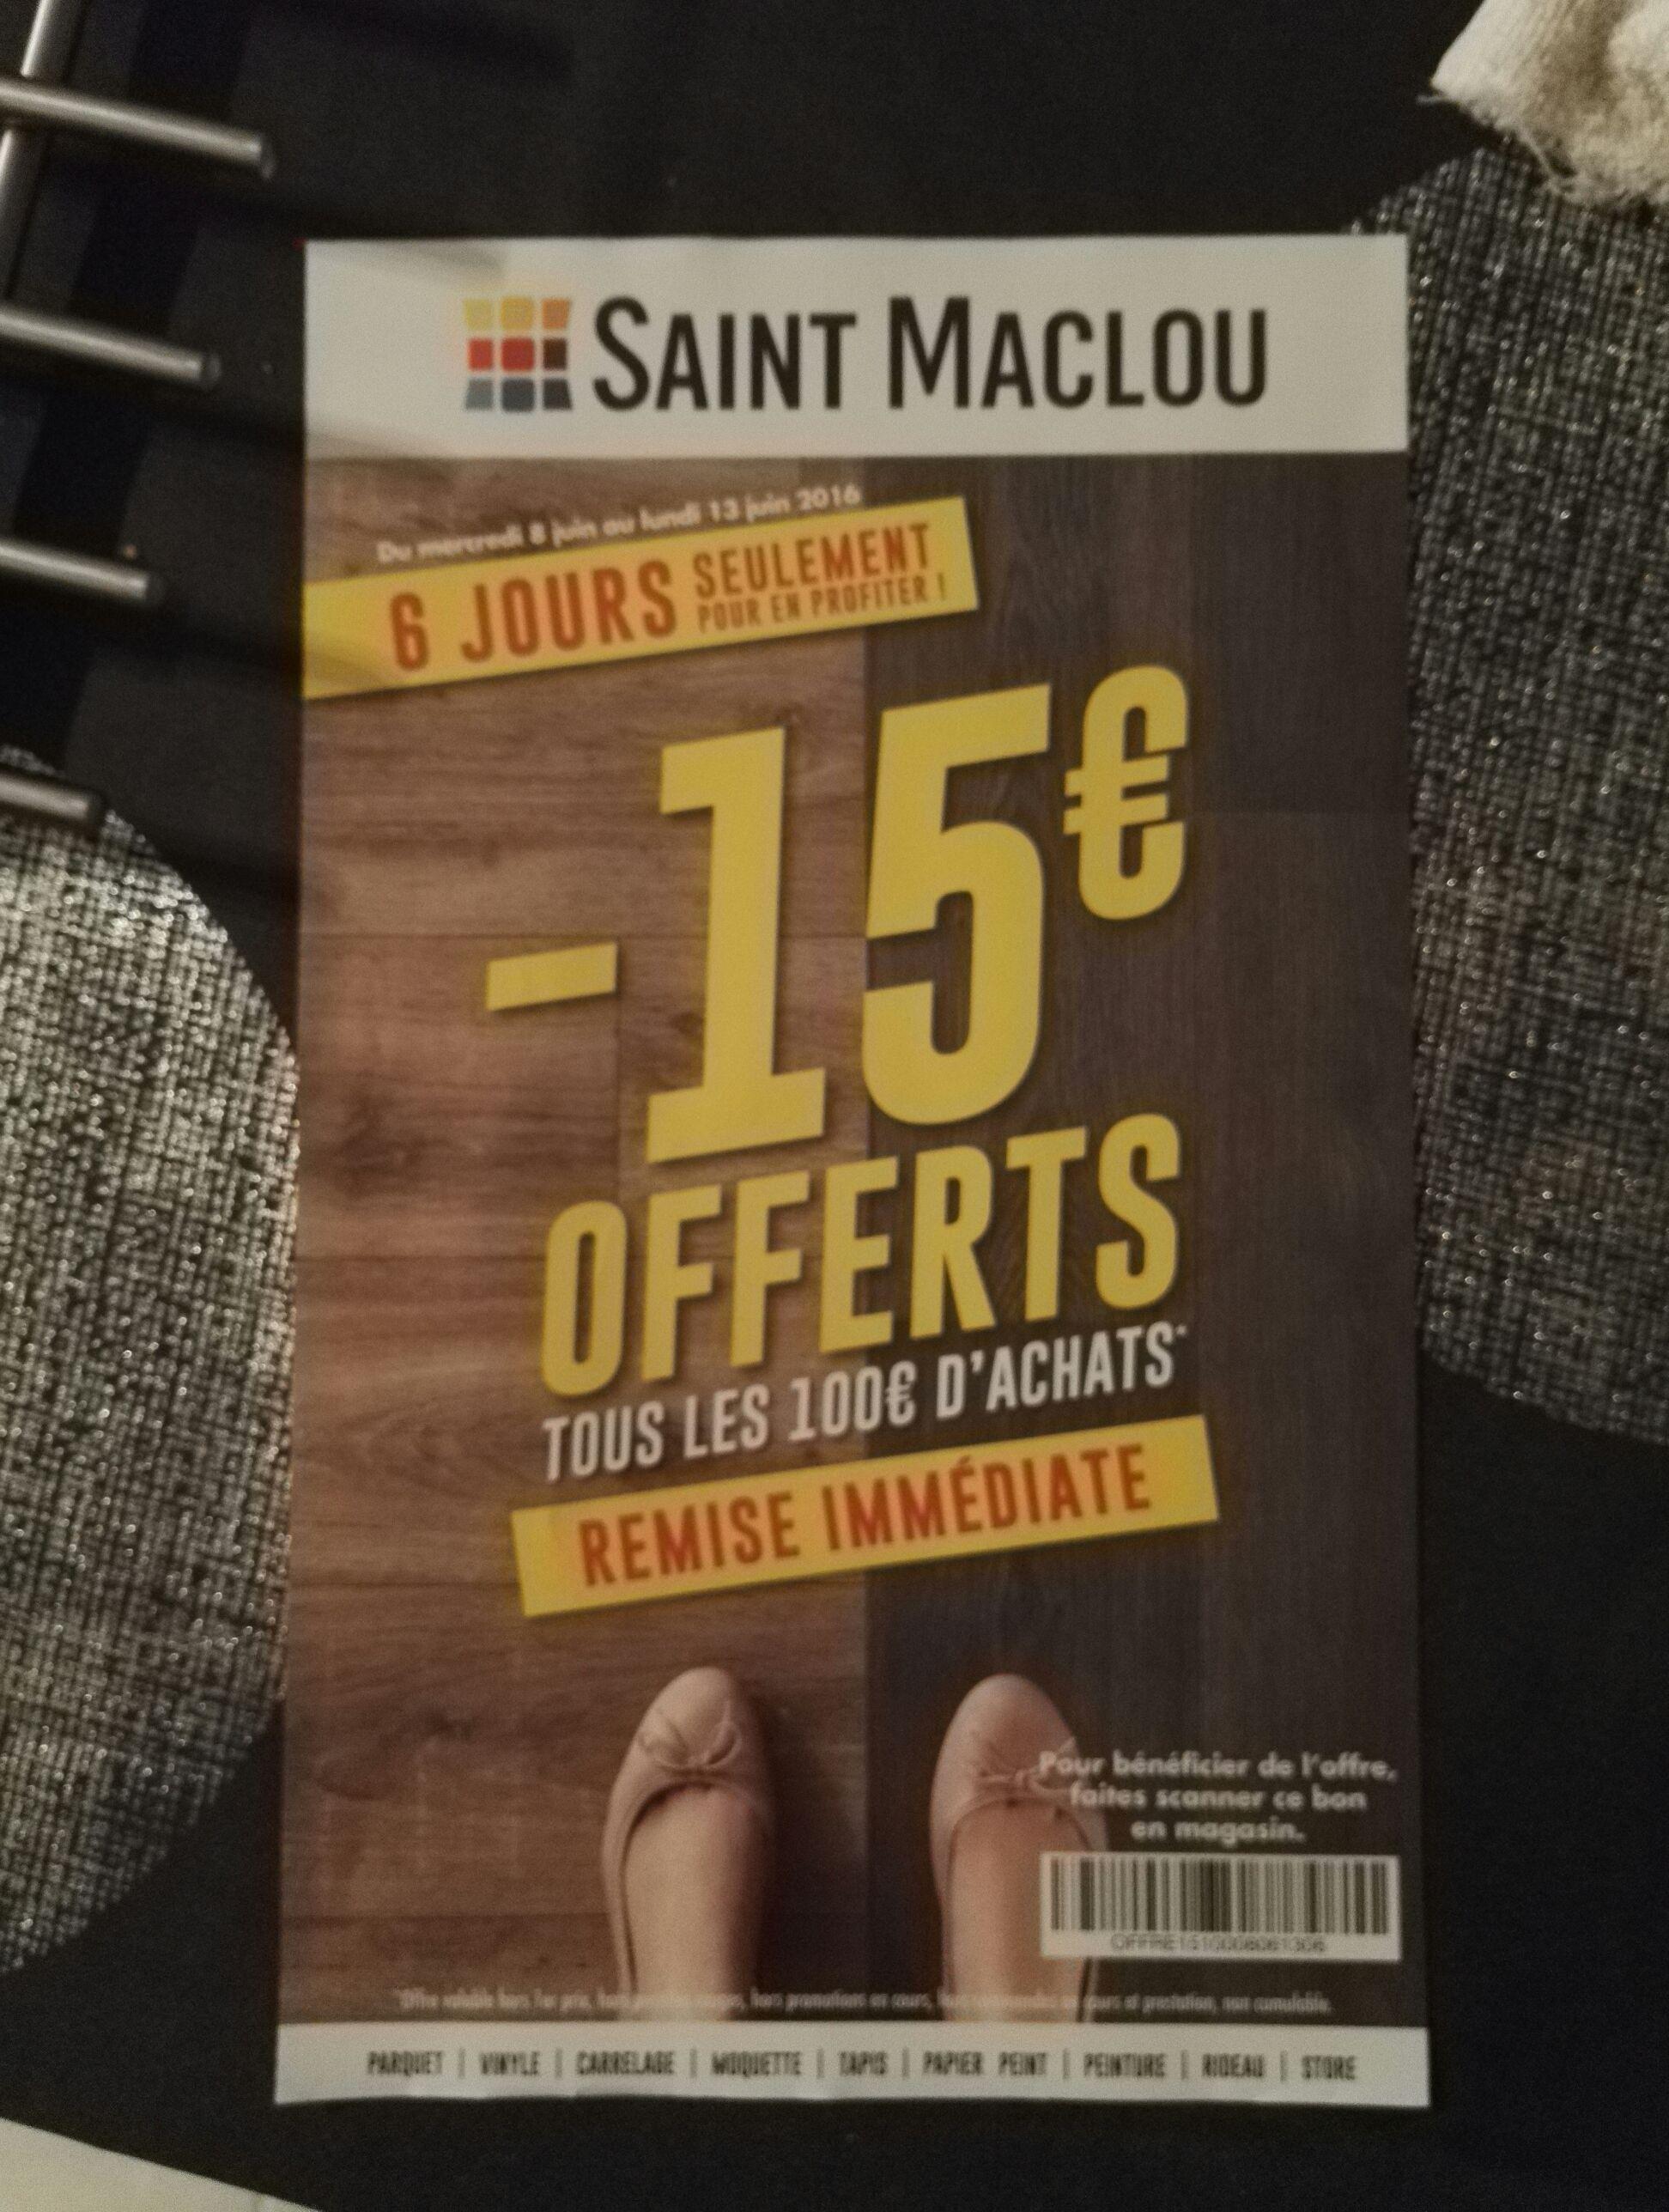 15€ de réduction tous les 100 € d'achat (hors promotions, prestations...)